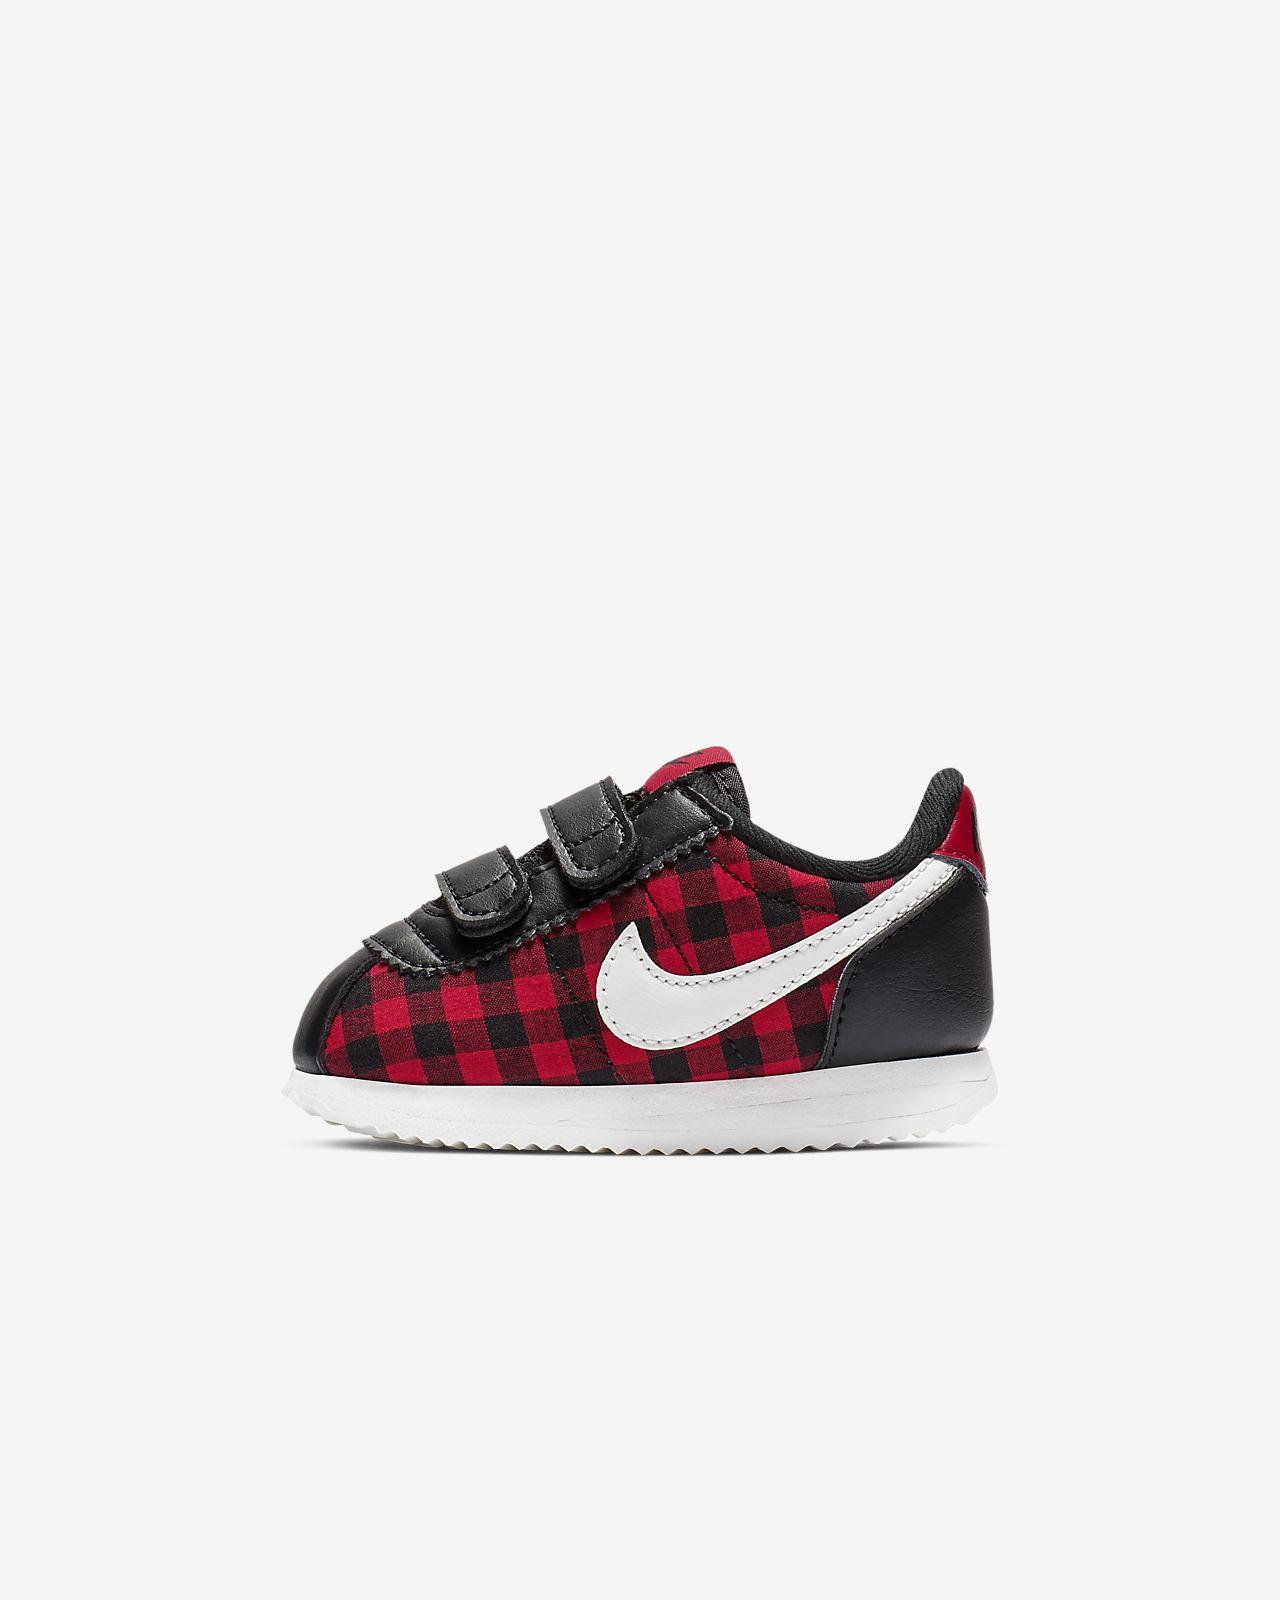 Nike Cortez Basic TXT SE Infant/Toddler Shoe